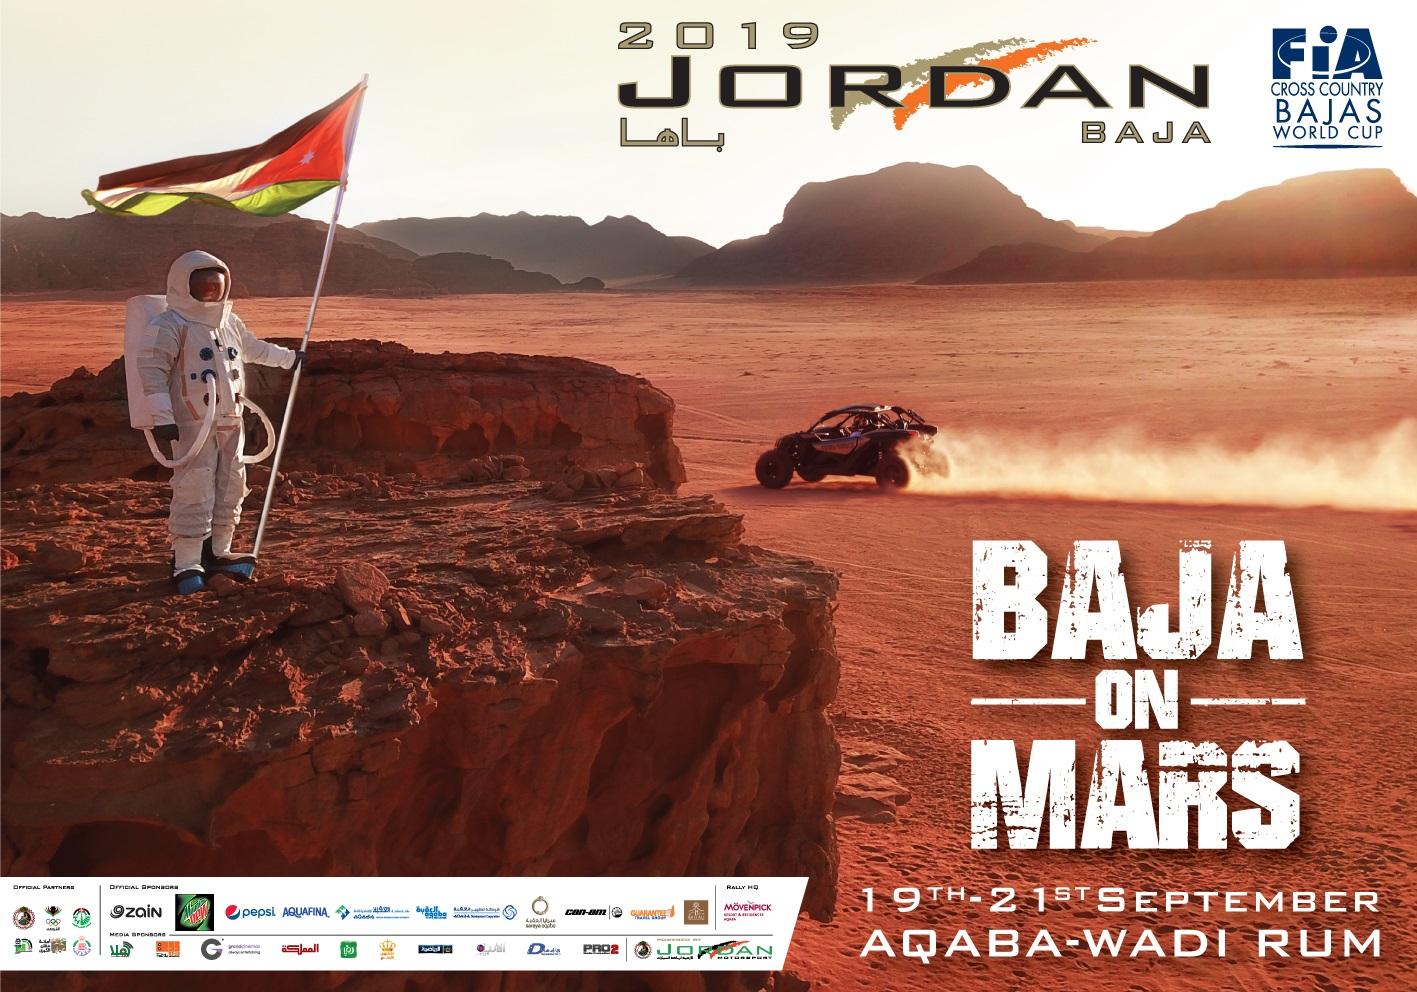 34 سائقا في رالي  باها الأردن  سابع جولات  فيا  كأس العالم - فيديو - Alghad